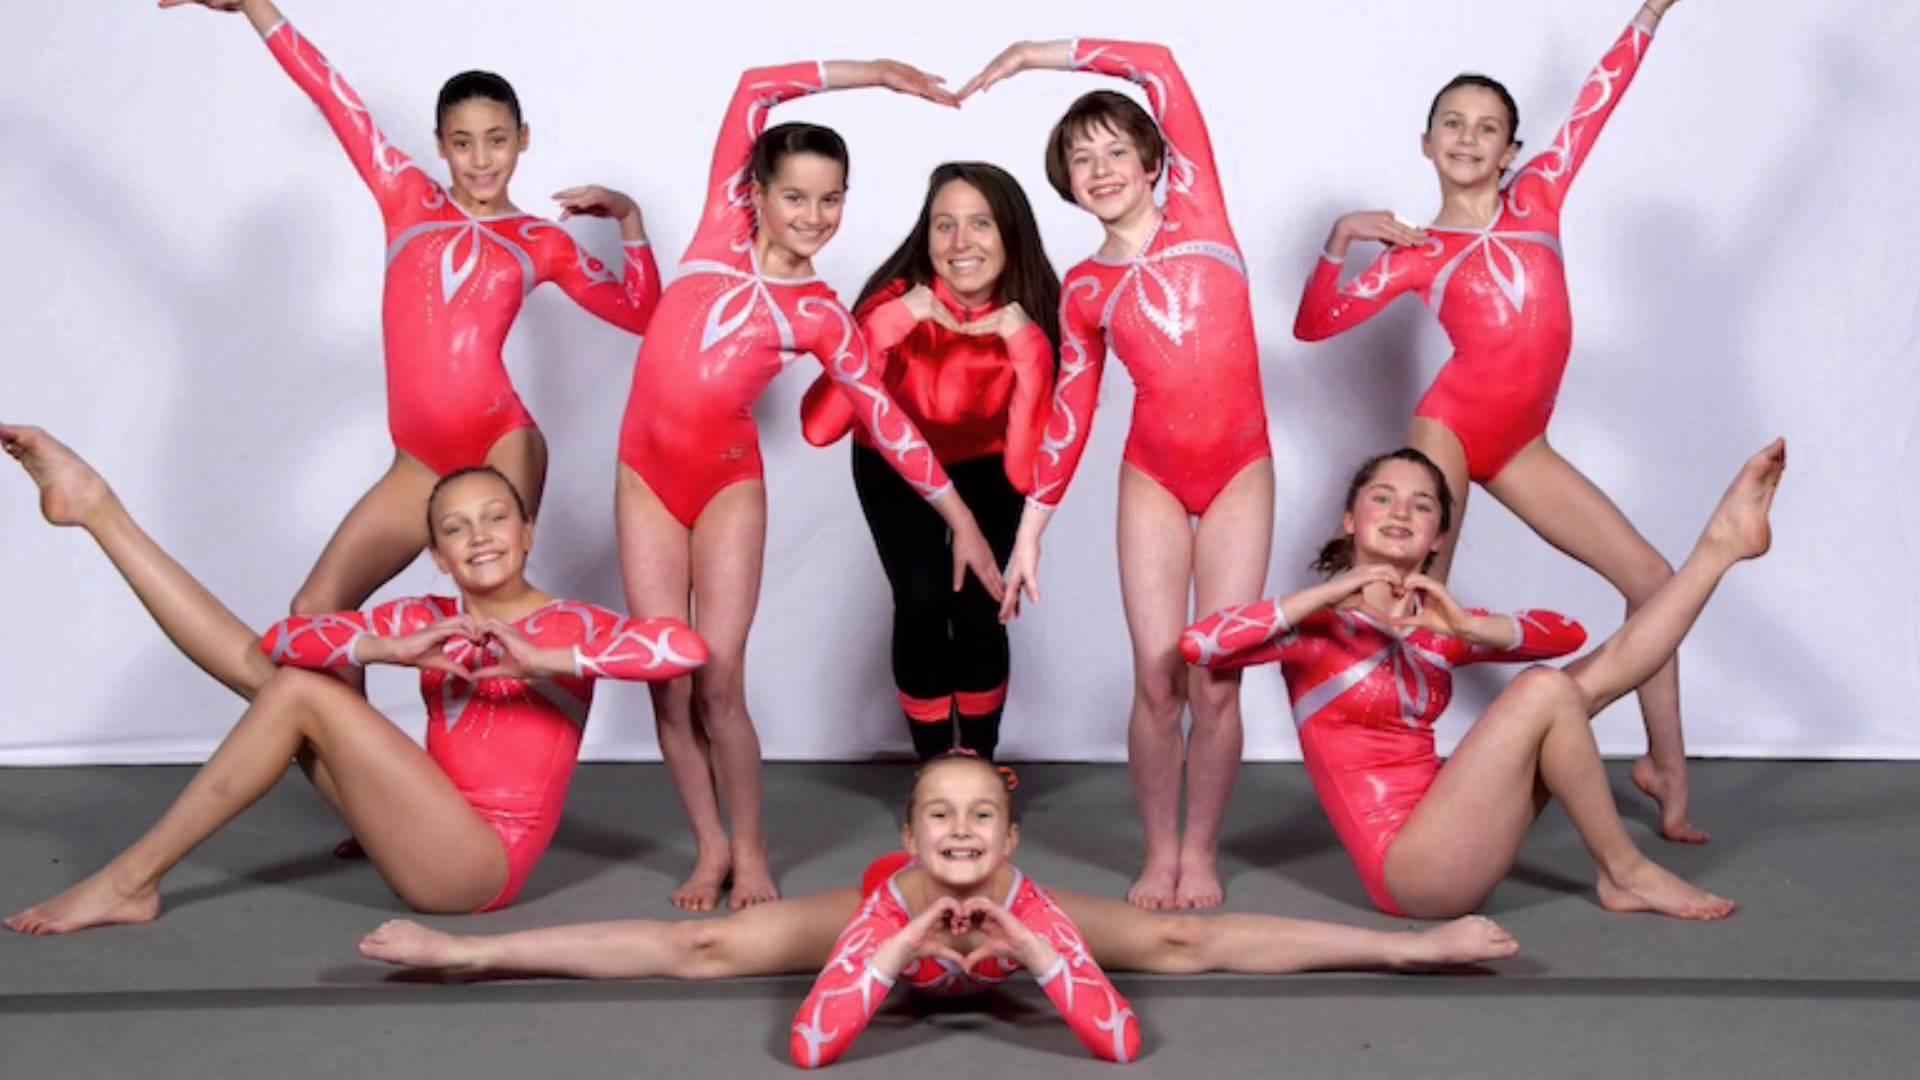 Winwin gymnastics - Winwin Gymnastics 5